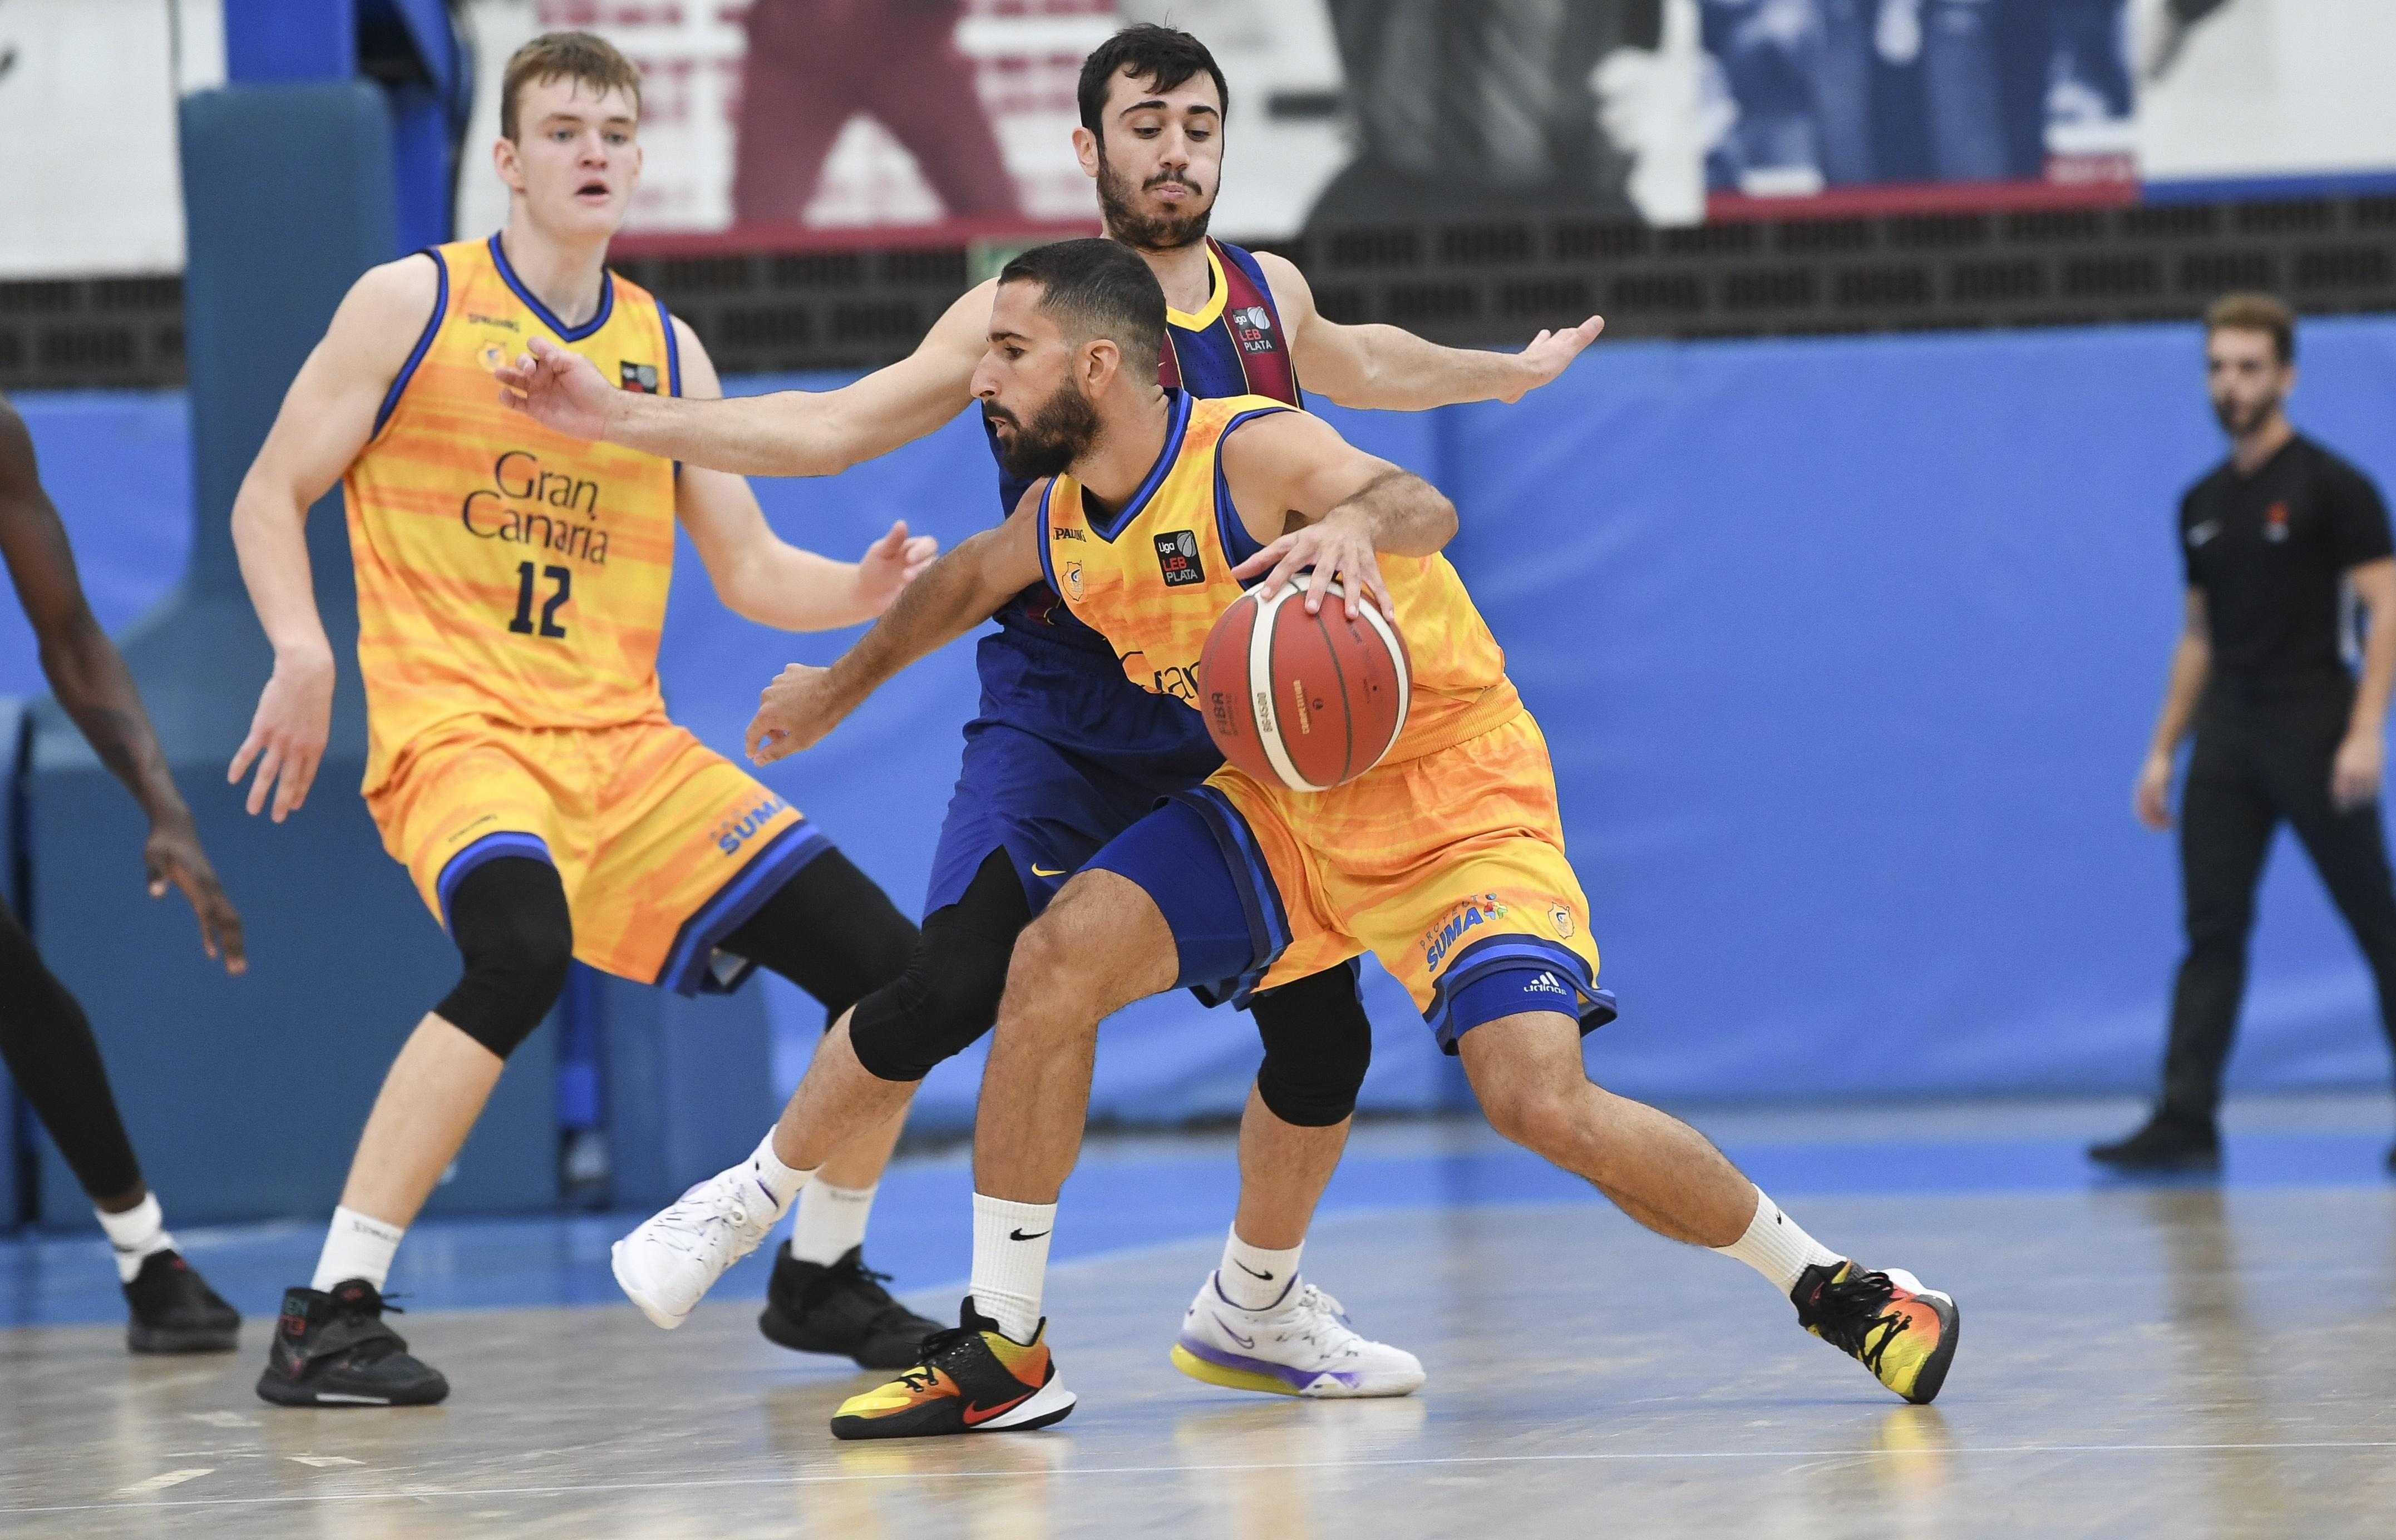 Gran triunfo del Gran Canaria-Claret ante el Barça en el comienzo de la LEB Plata